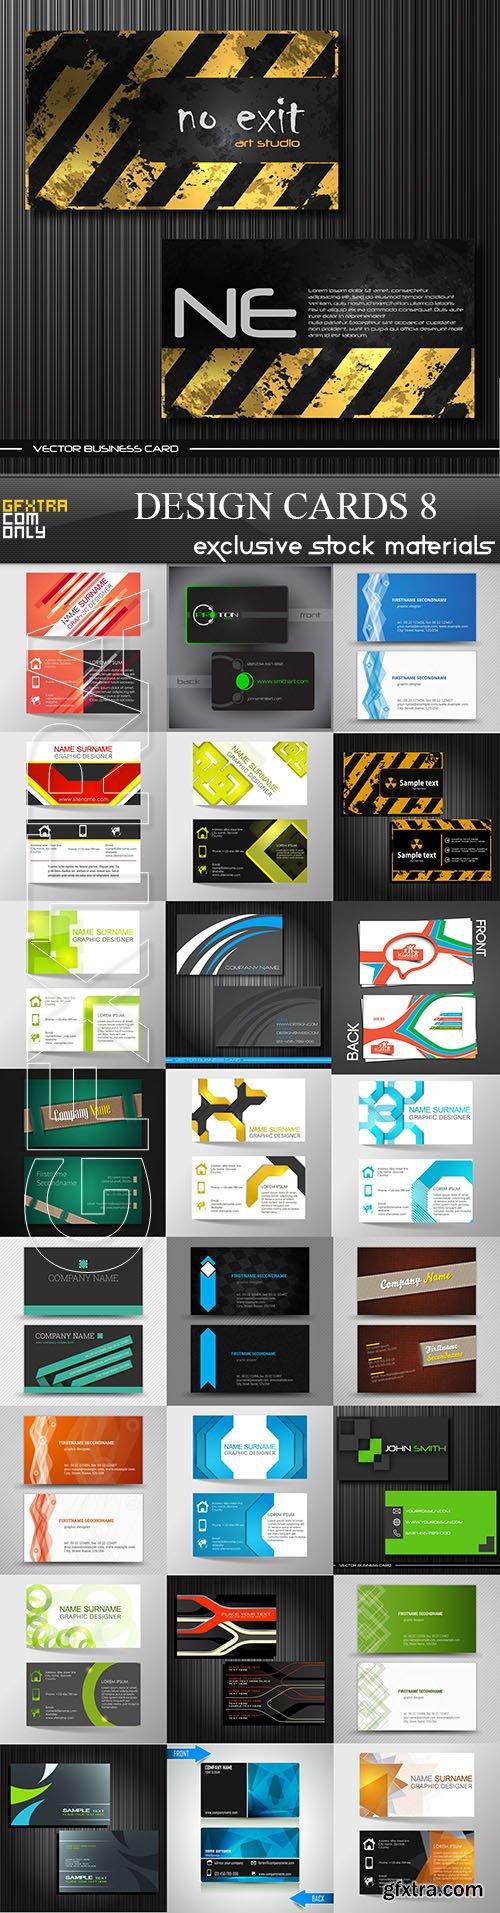 تصميمات مفتوحة المصدر لكروت شخصية فيكتور Design Cards Collection 7 Design Graphic